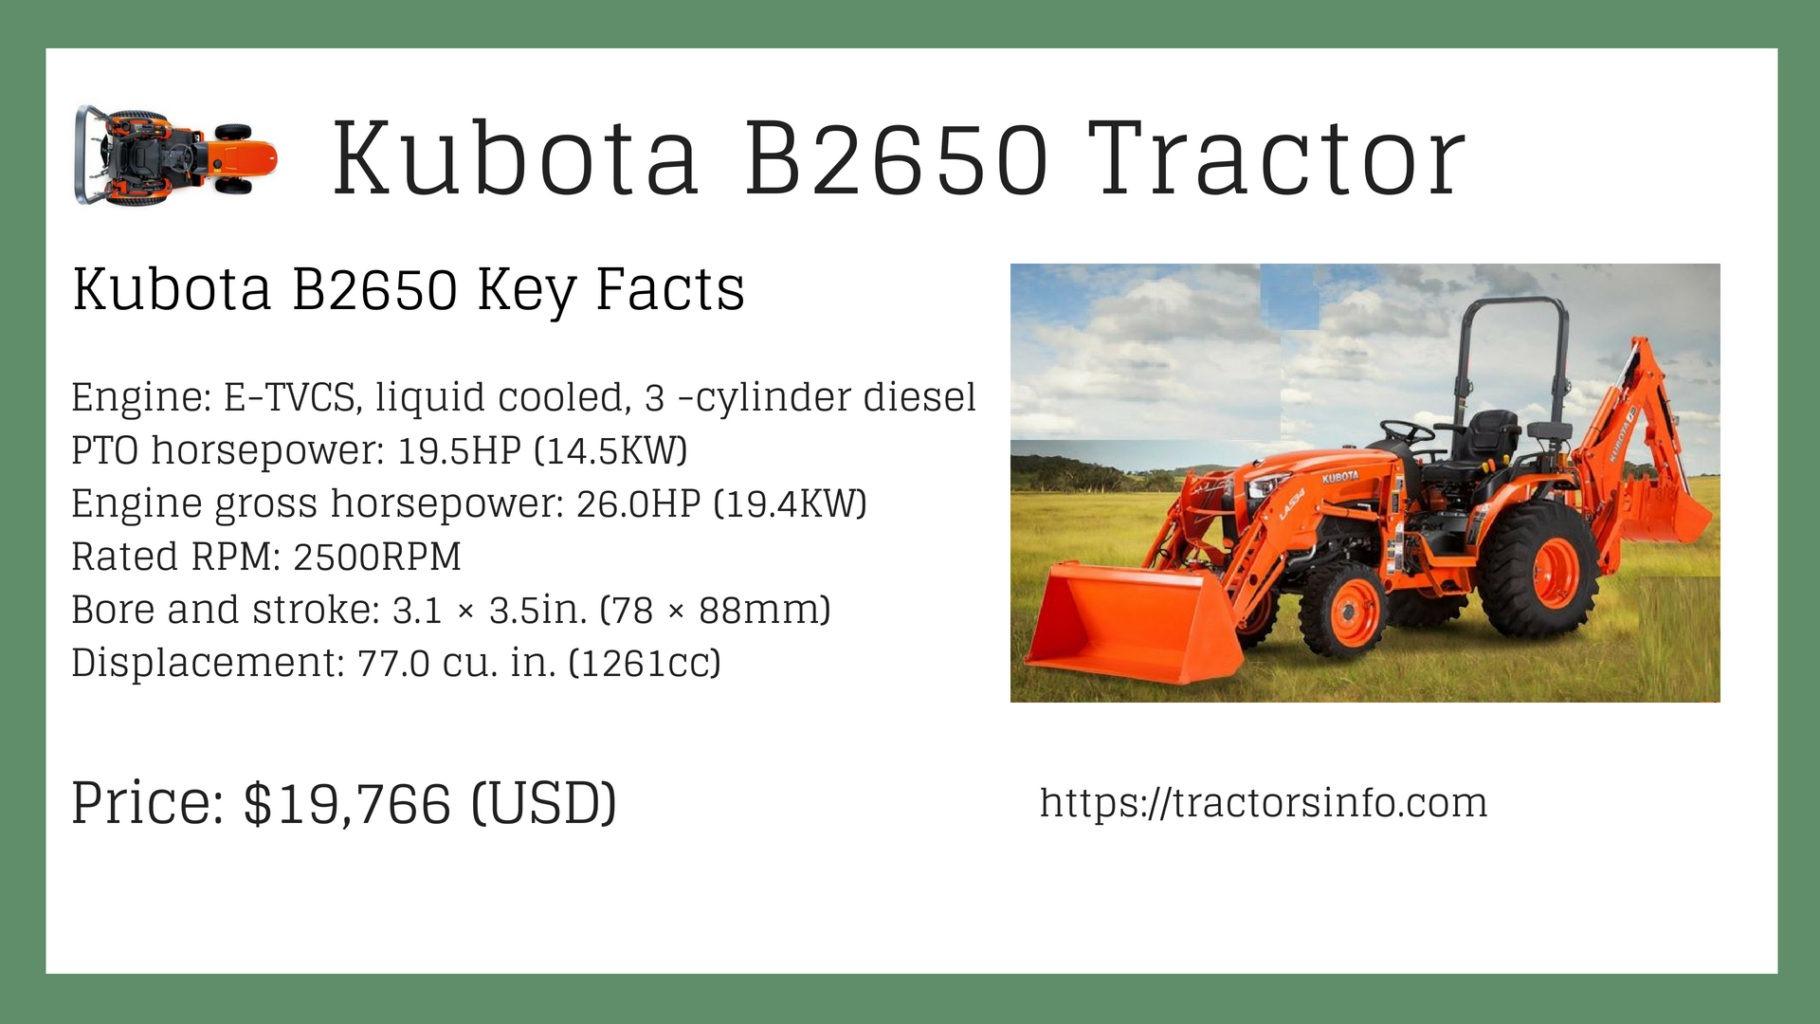 Kubota B2650 Tractor Price specs